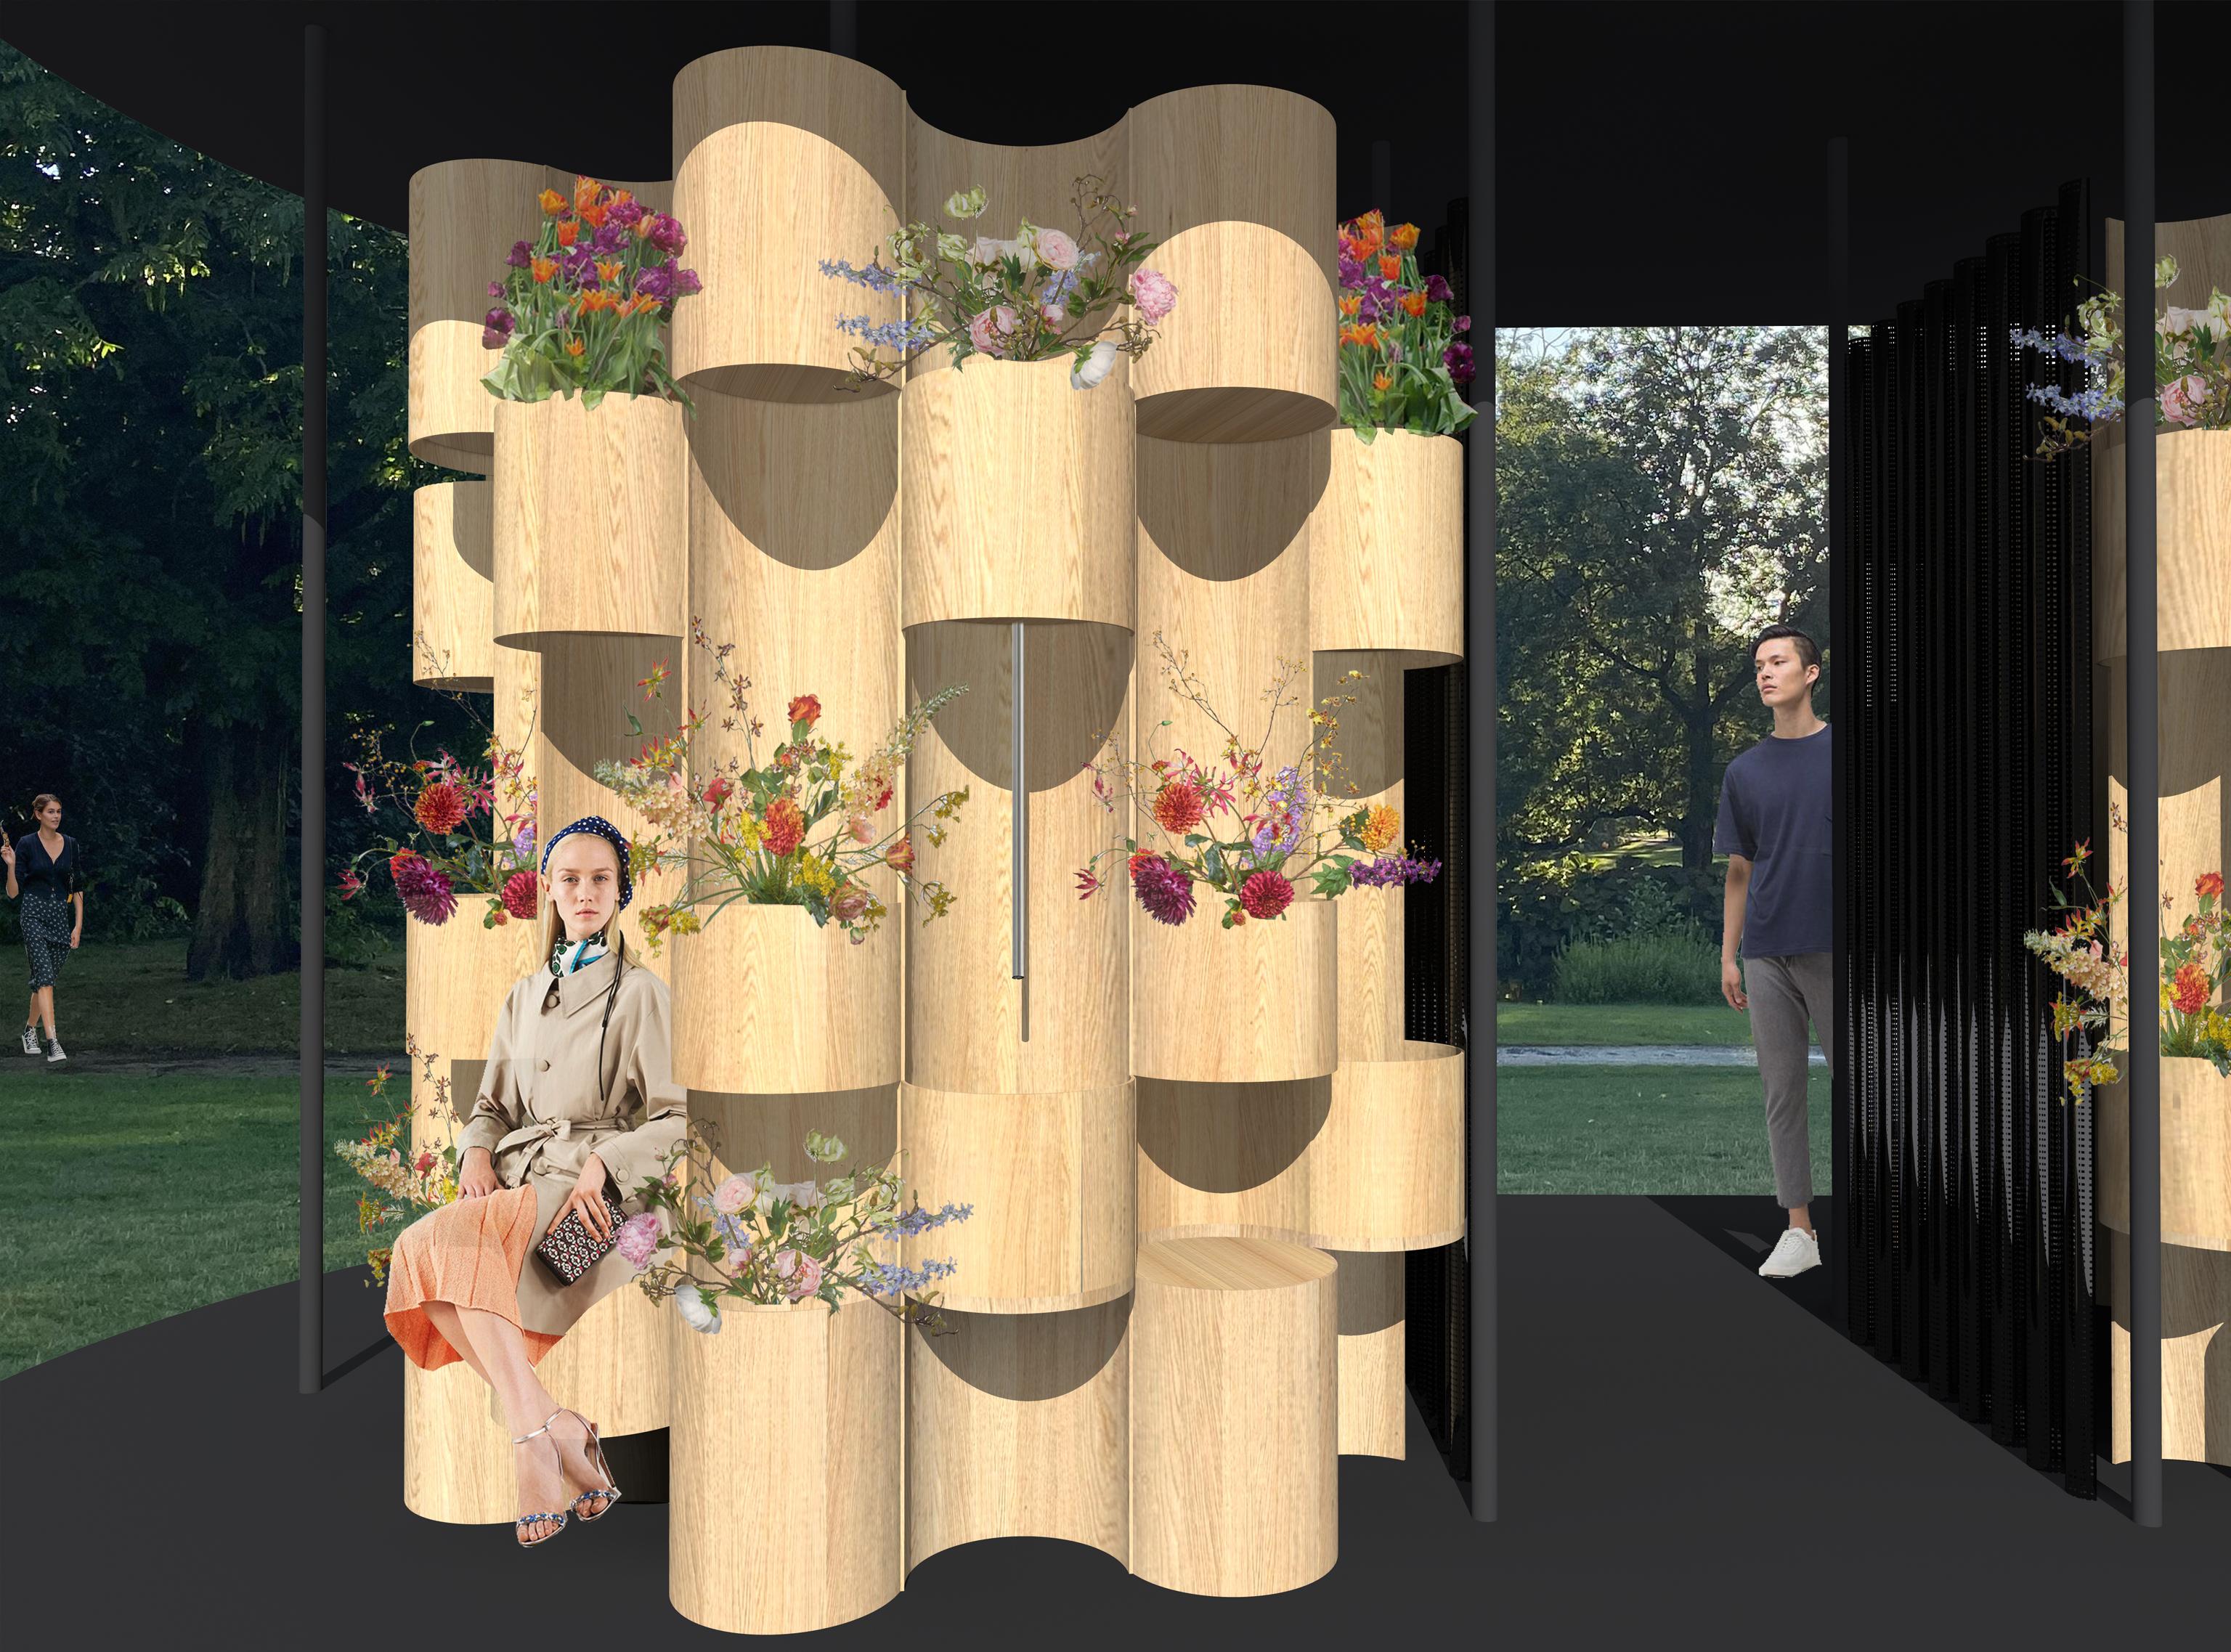 Public Toilets in Amsterdam zU-studio architecture Visual 02